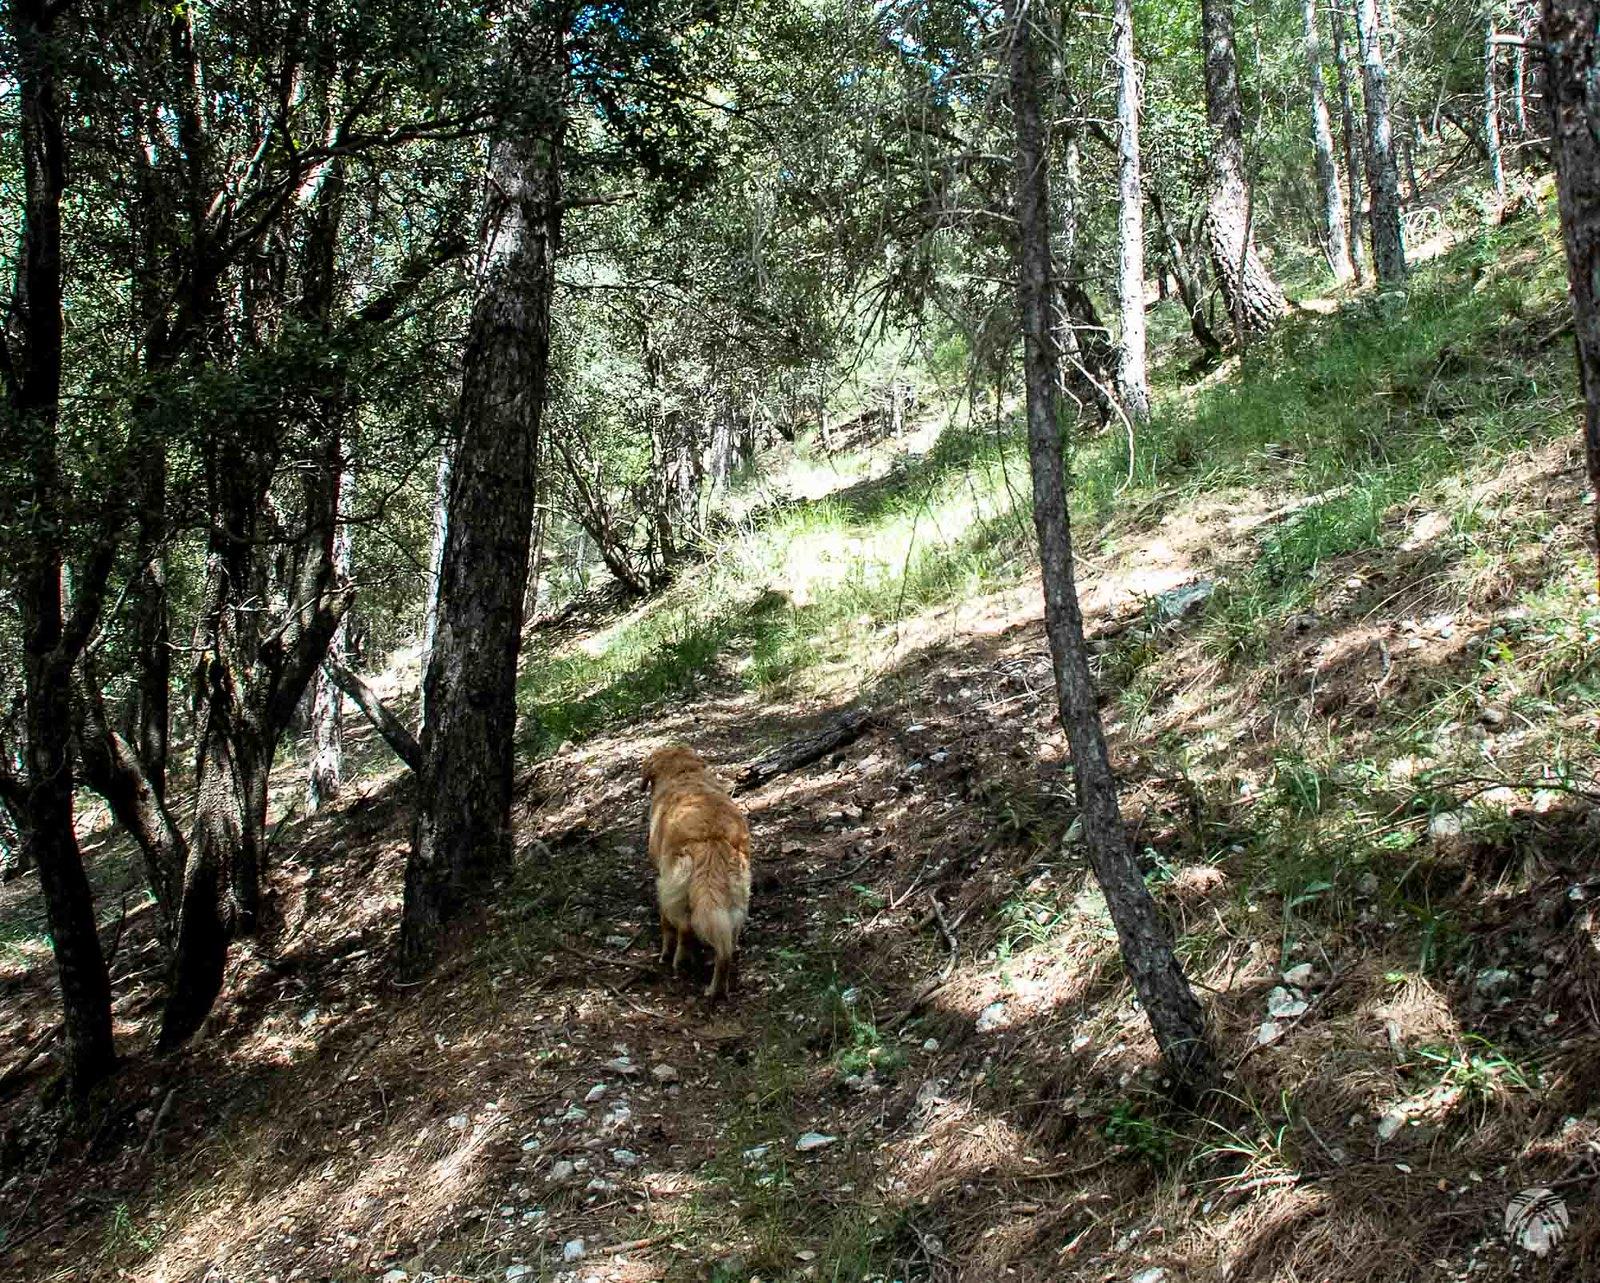 Buscando el paso hacia la Cañada del Avellano y la Pradomira